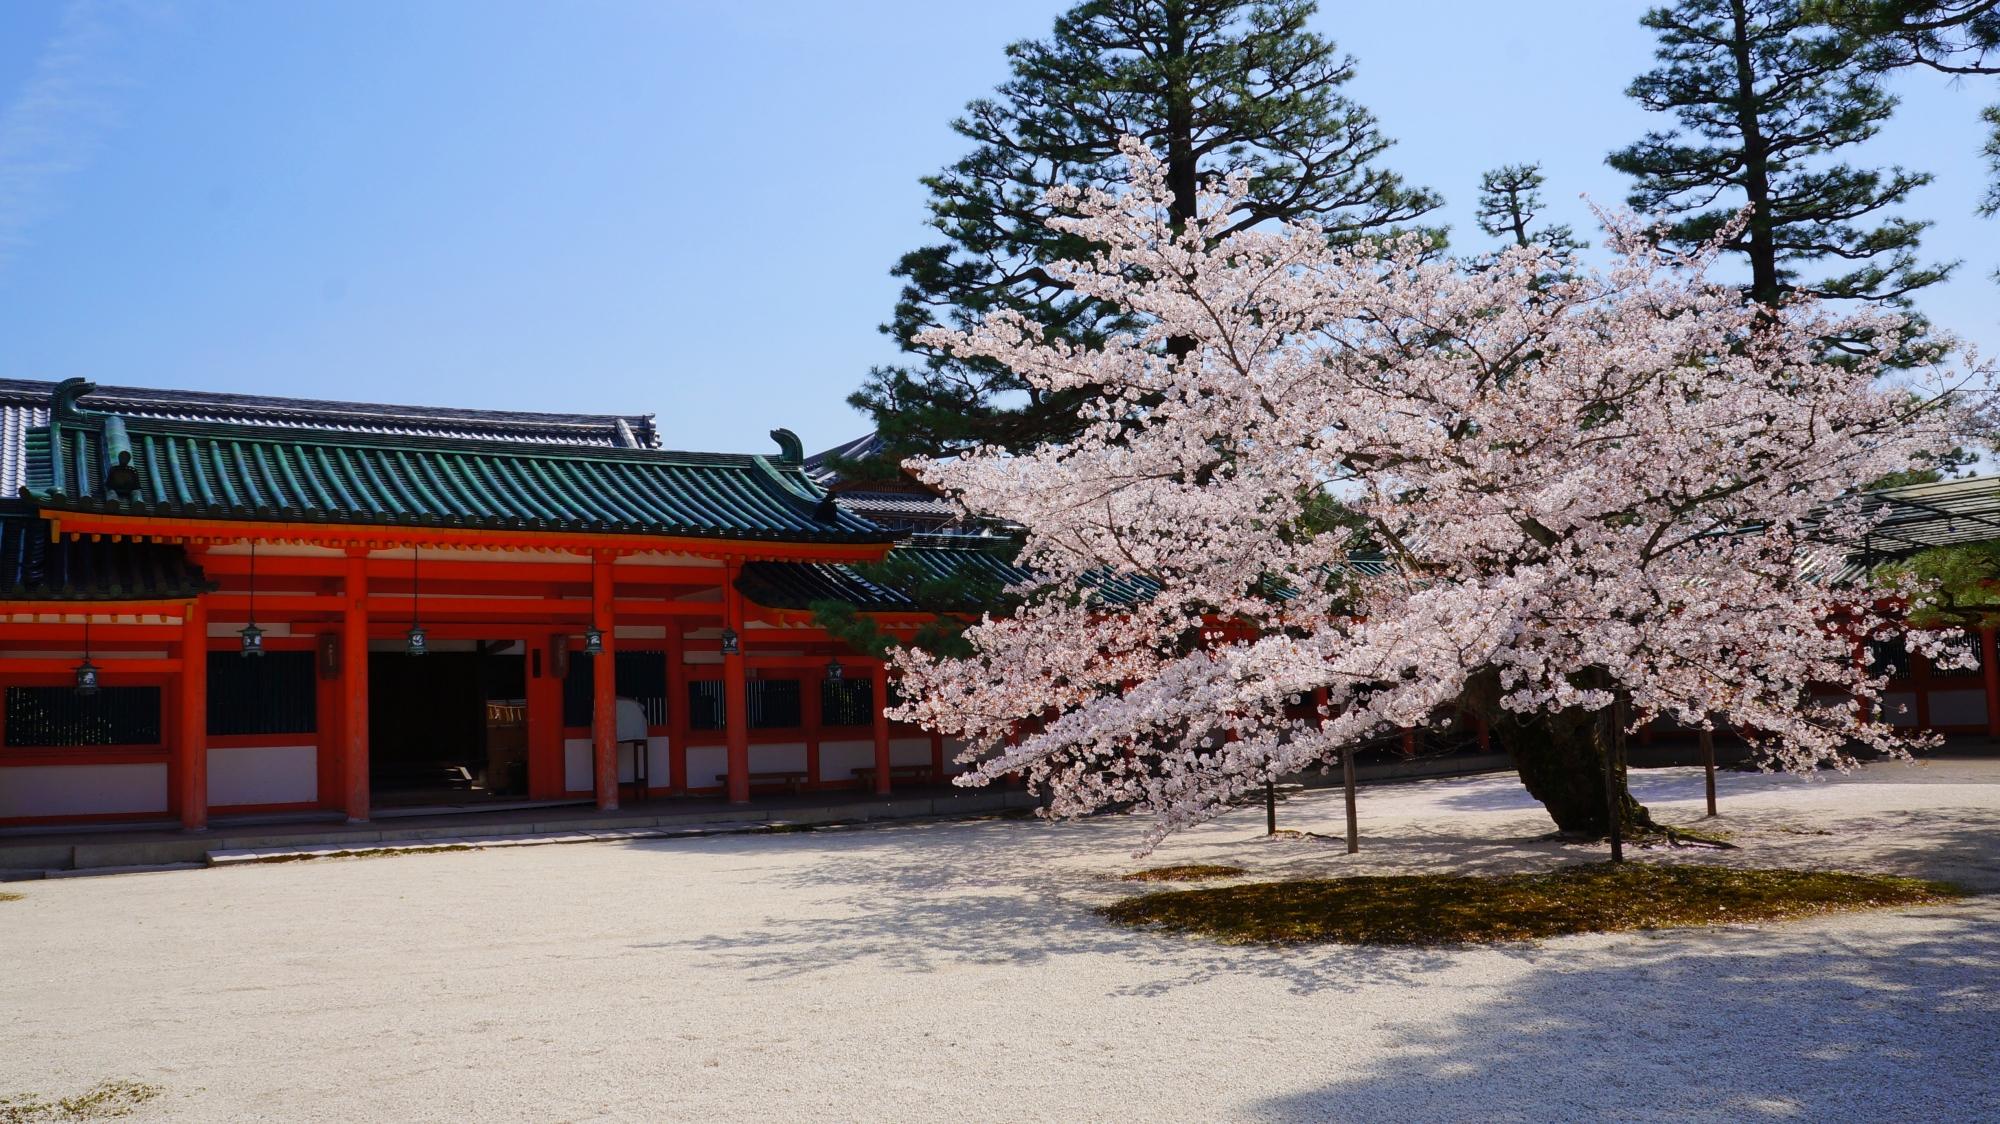 平安神宮の東門前の桜